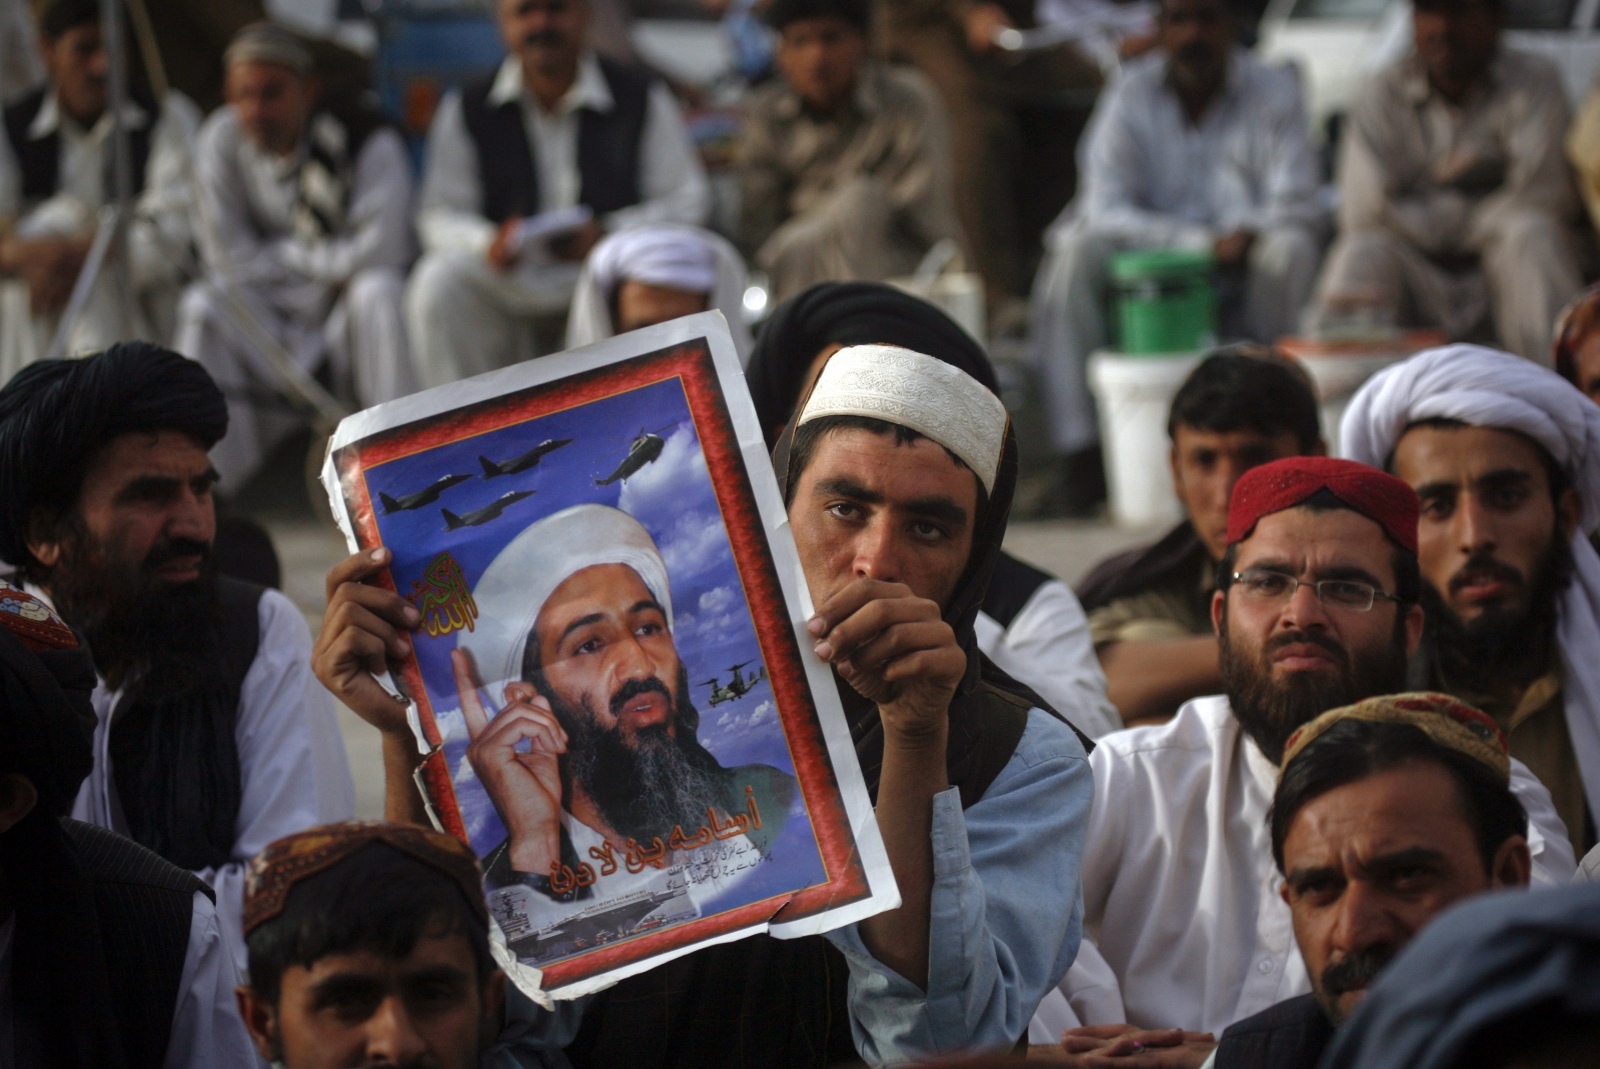 Al Qaeda Pakistan